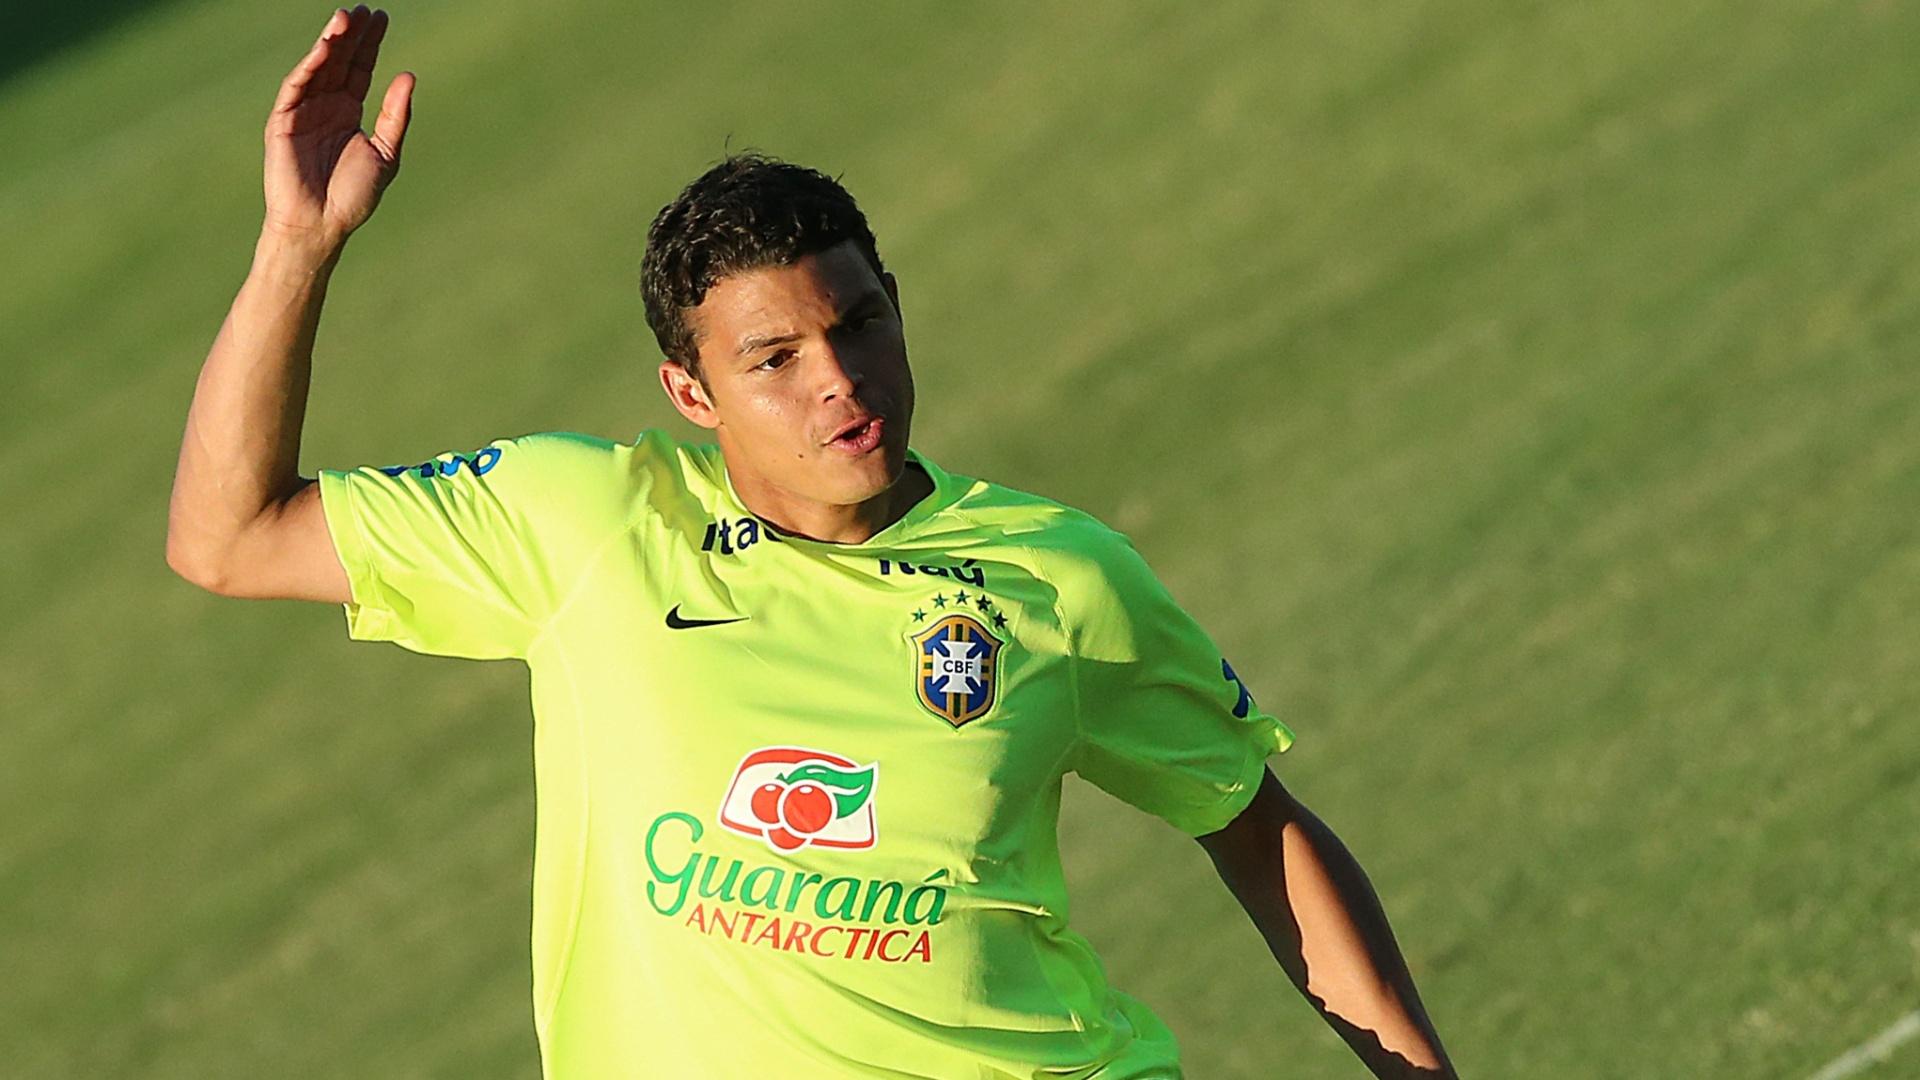 03.jul.2014 - Depois de participar da entrevista coletiva, capitão Thiago Silva treina no gramado do estádio Presidente Vargas, em Fortaleza